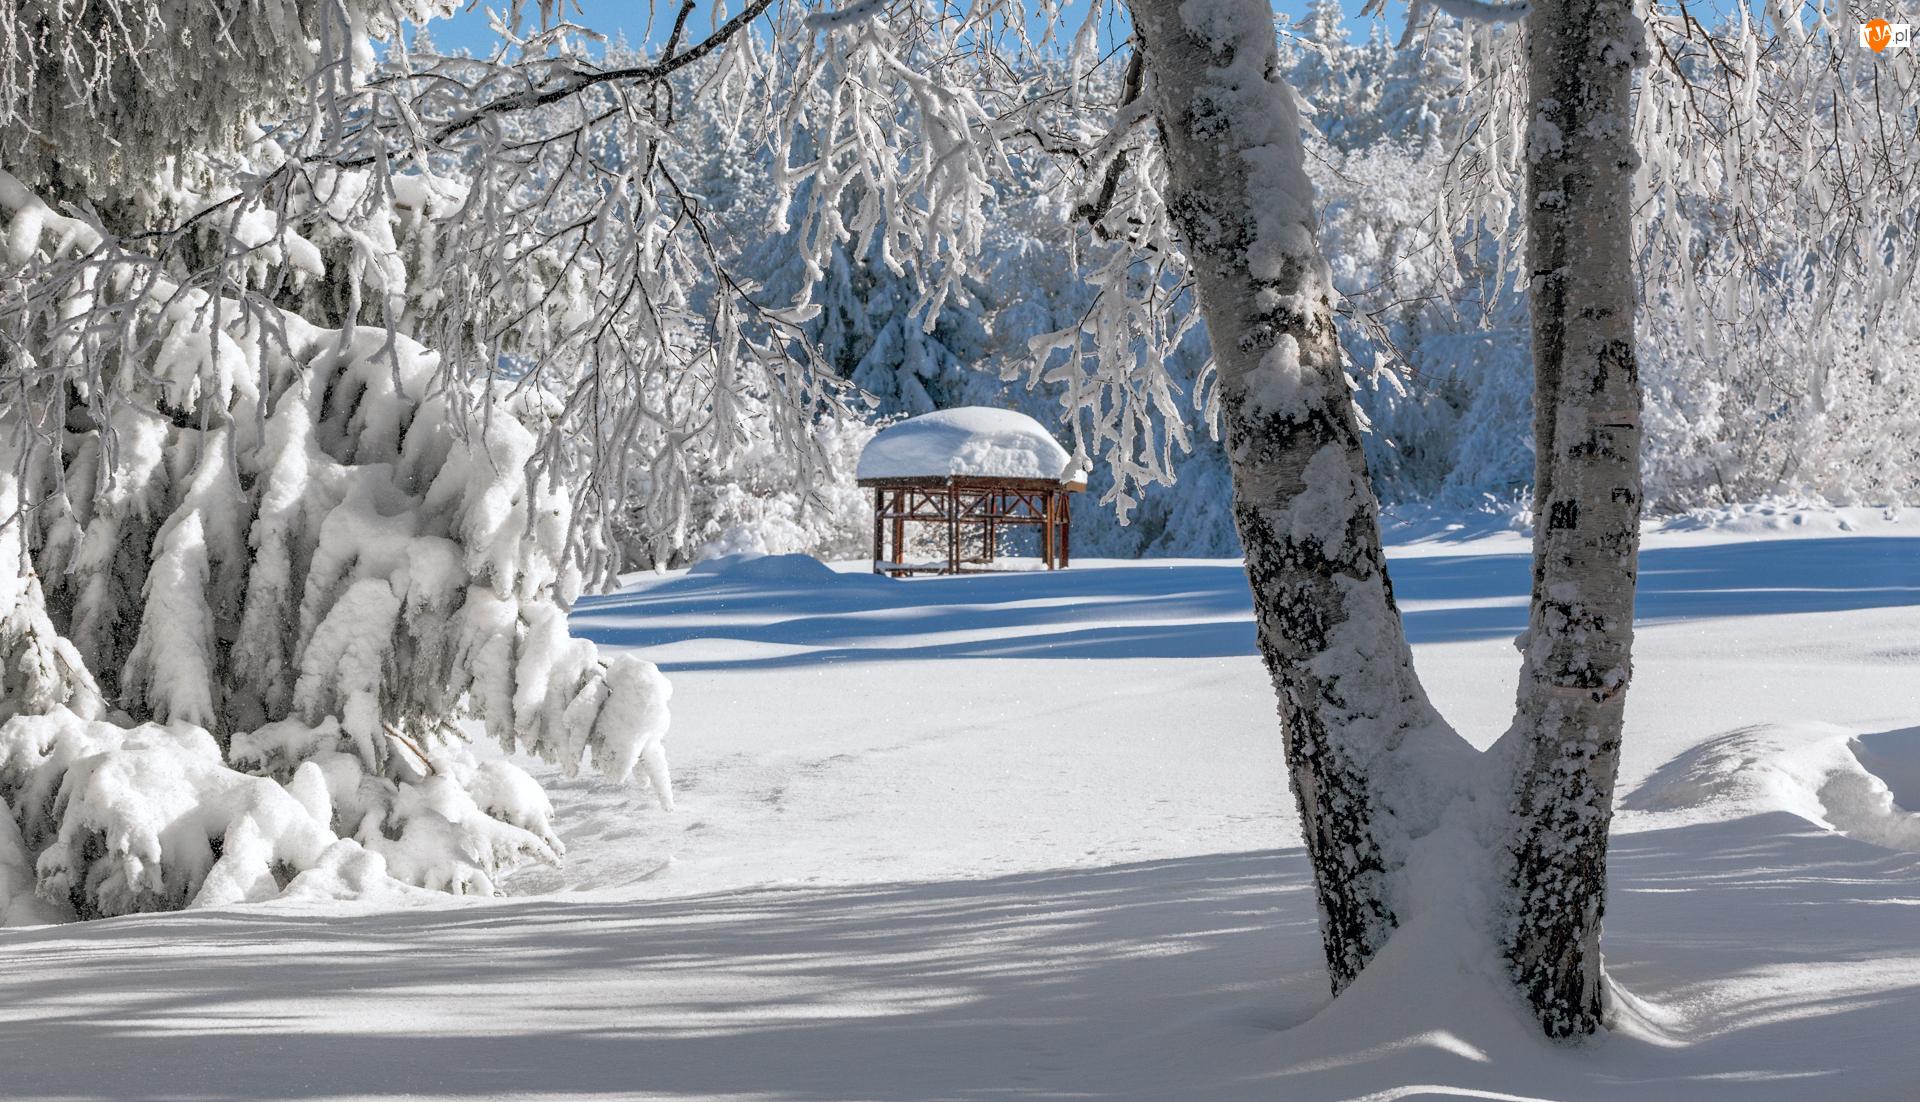 park, Altanka, Śnieg, Zima, Drzewa